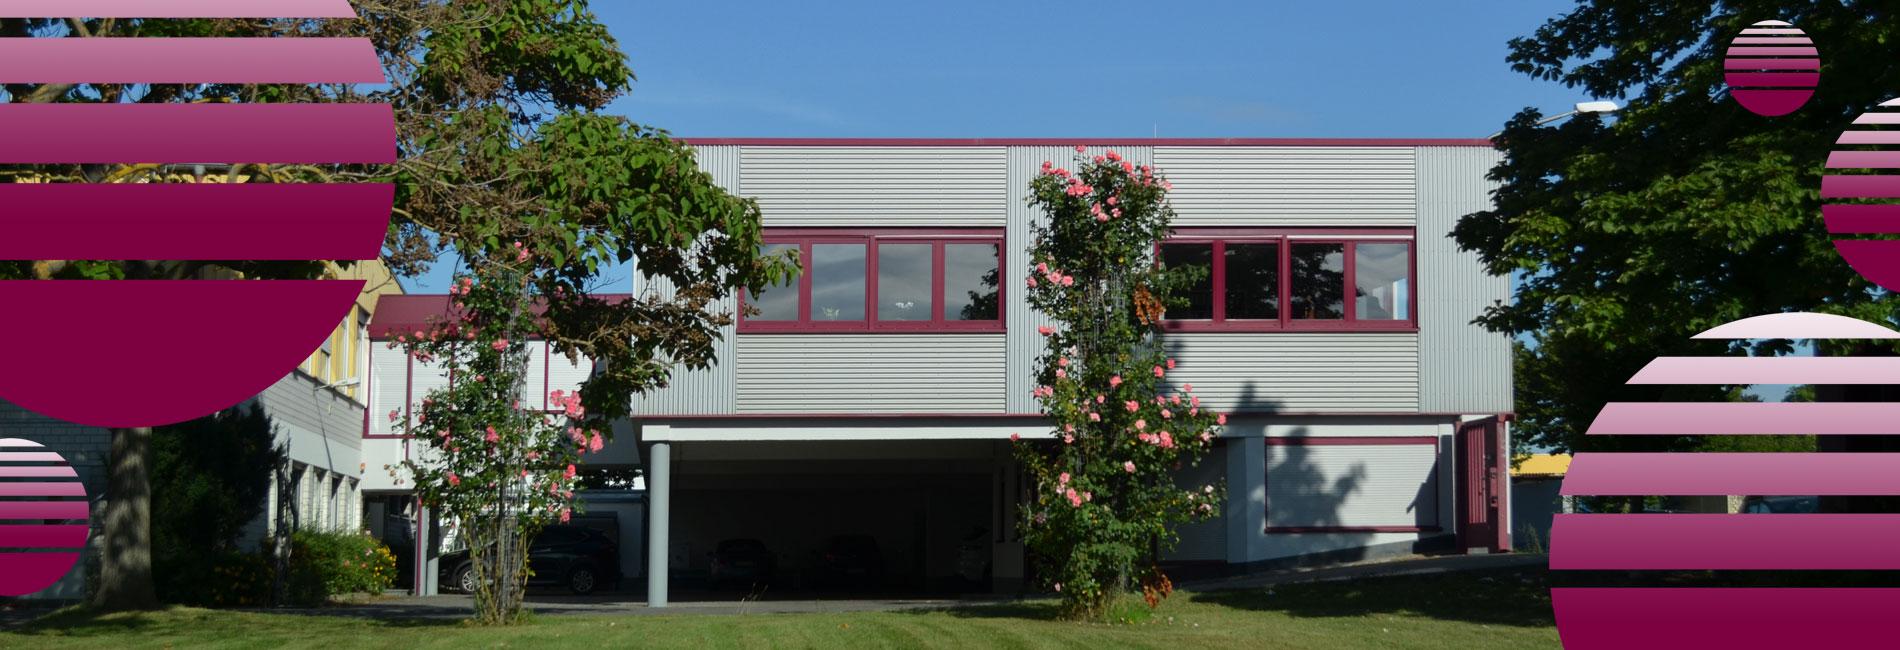 Company Schreier Head- Home